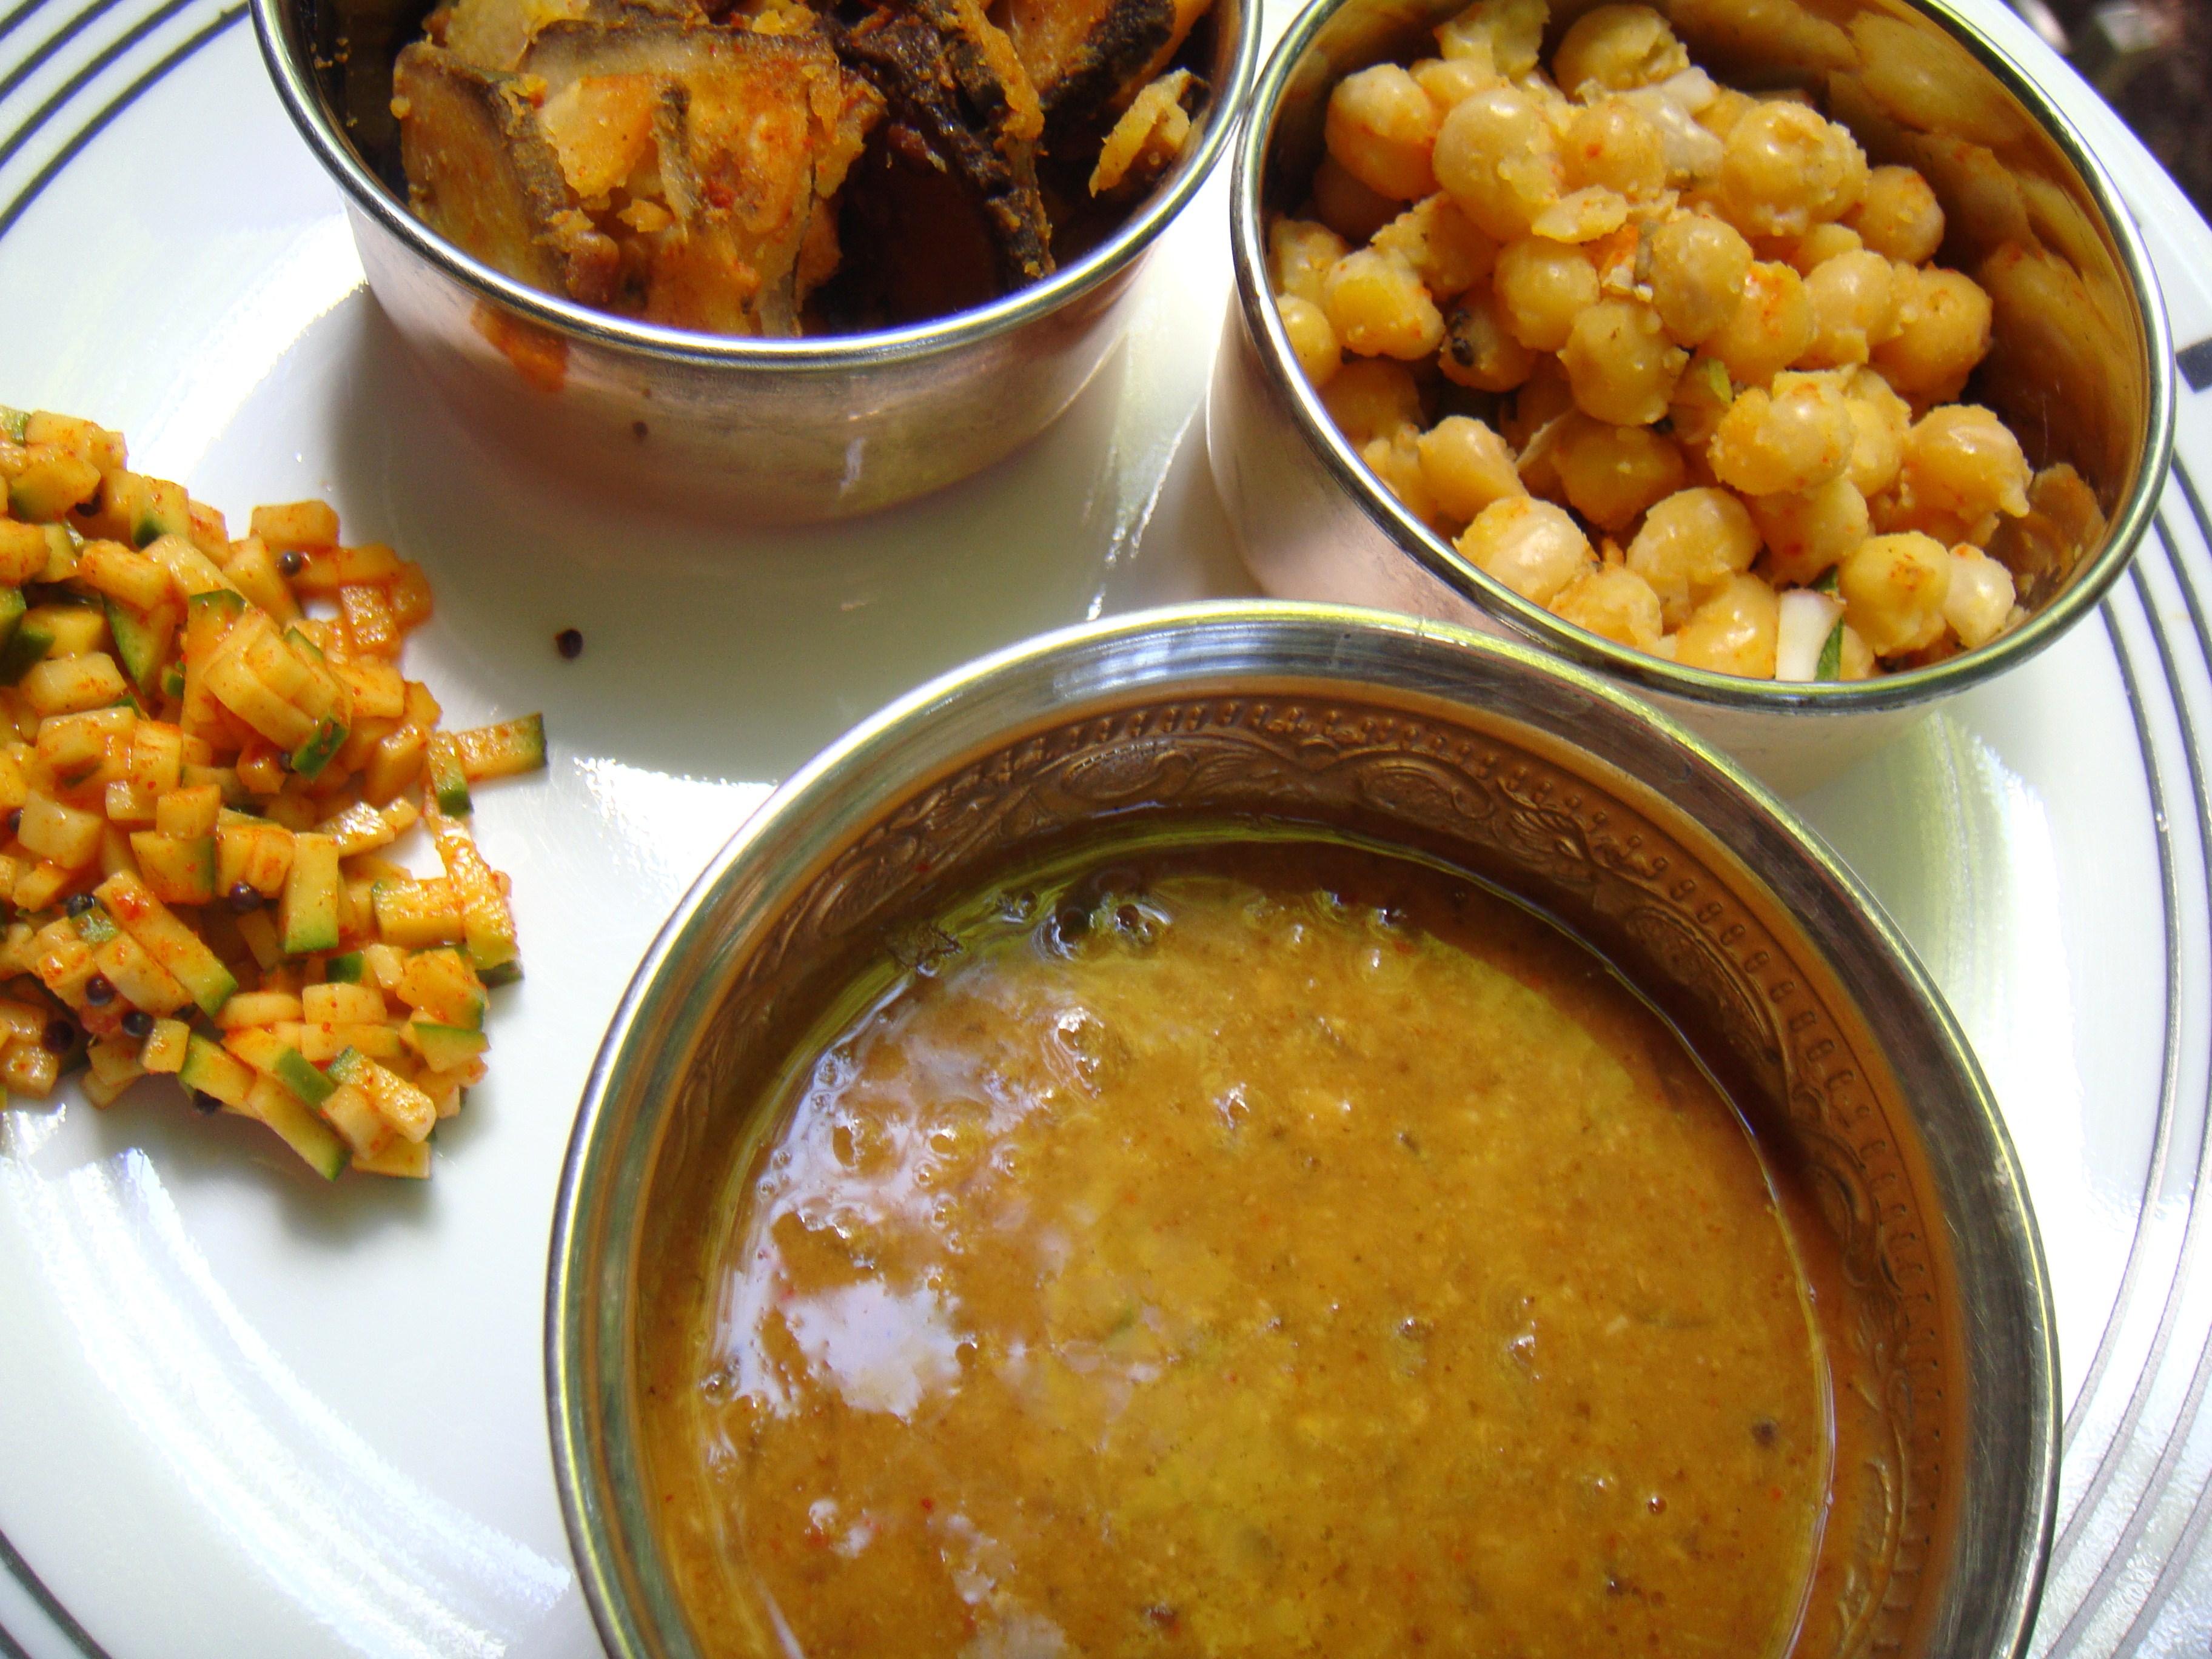 Weekend Menu - Vengaya Sambar, Sundal, Vazhakkai Fry, Mangaa Curry.